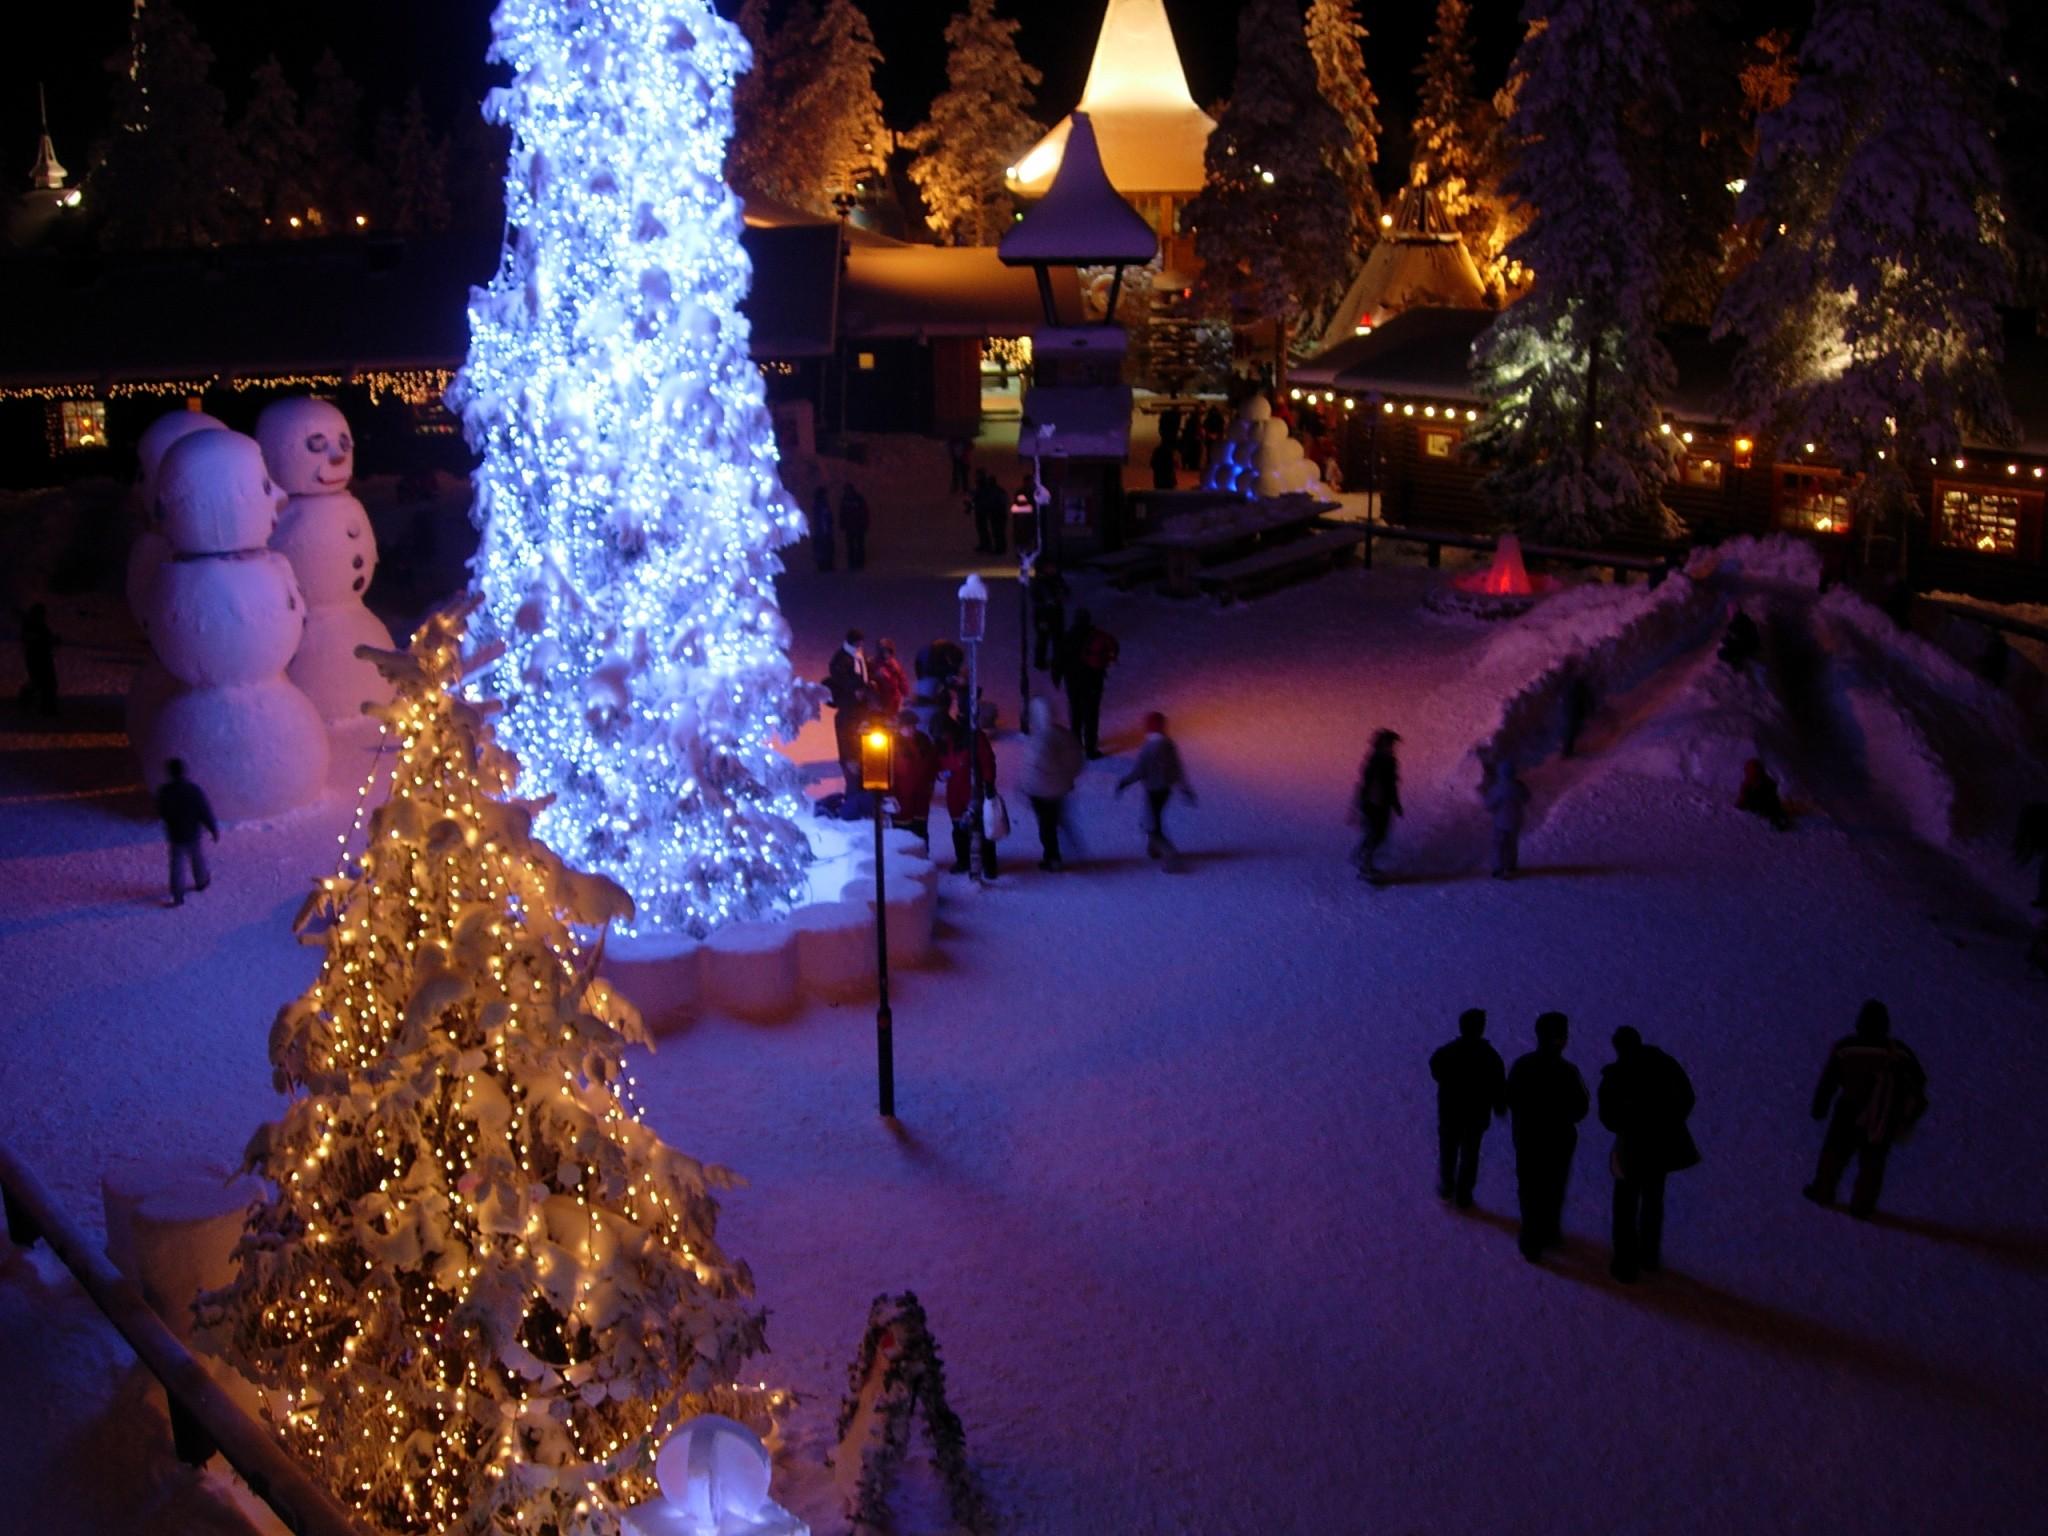 Santa Claus' Village | © Samuli Lintula/WikiCommons